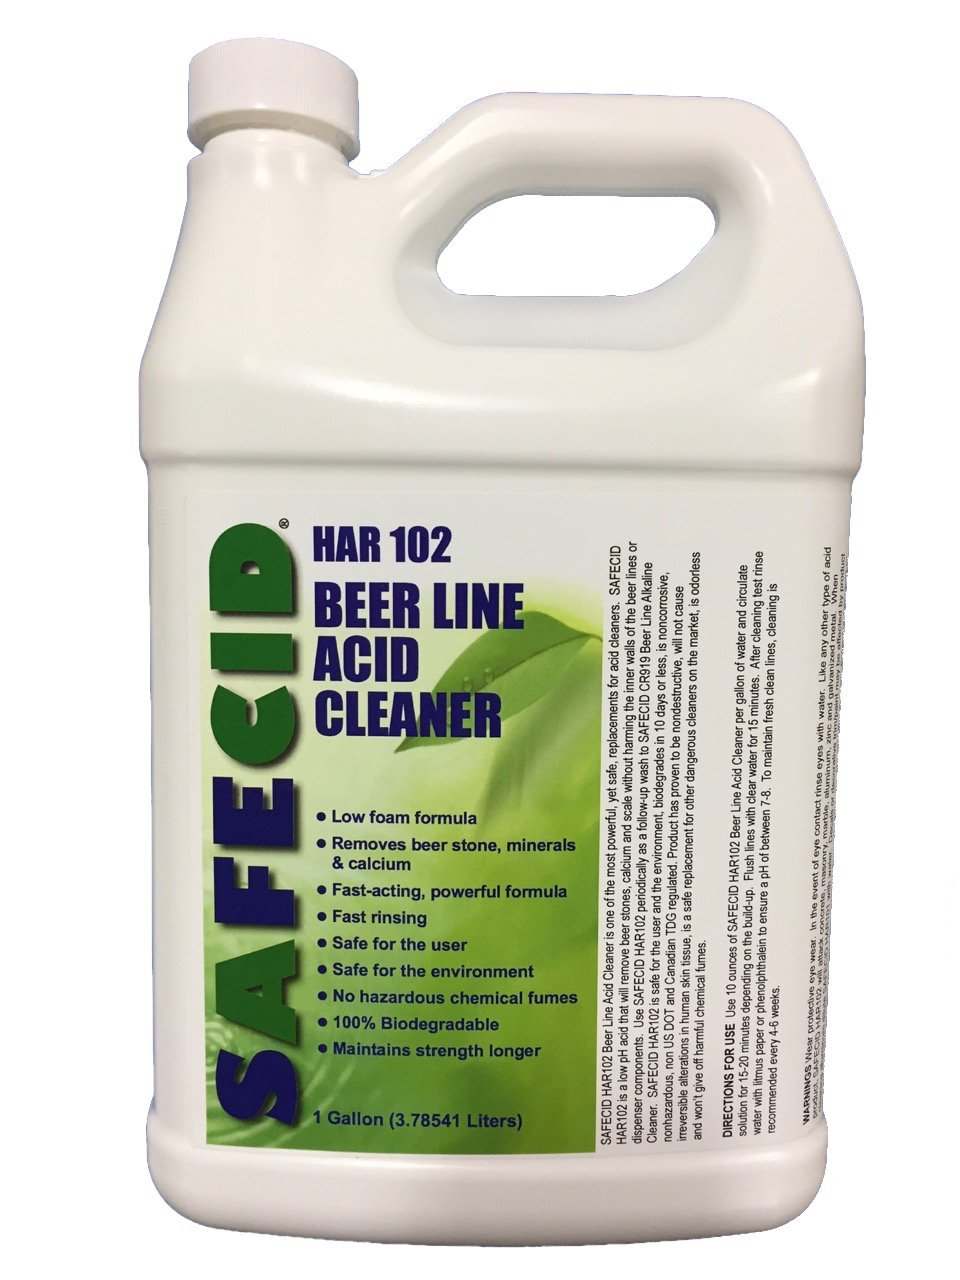 SAFECID Beer Line Acid Cleaner Gallon by SAFECID